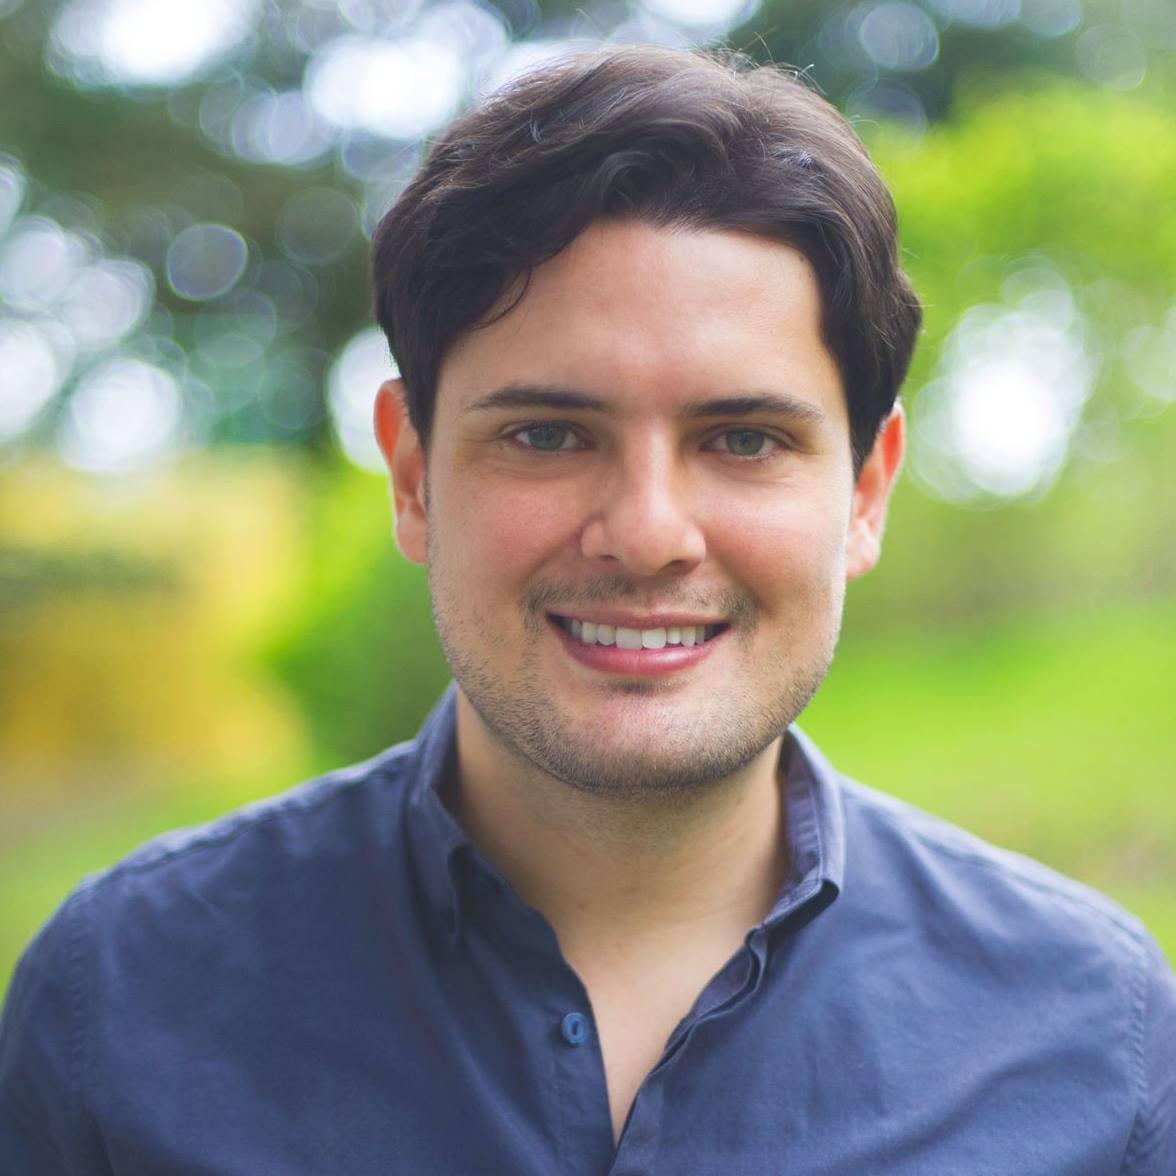 Roberto Zoch Gutierrez, nuevo alcalde electo para la Municipalidad de Moravia por el Partido Acción Ciudadana.